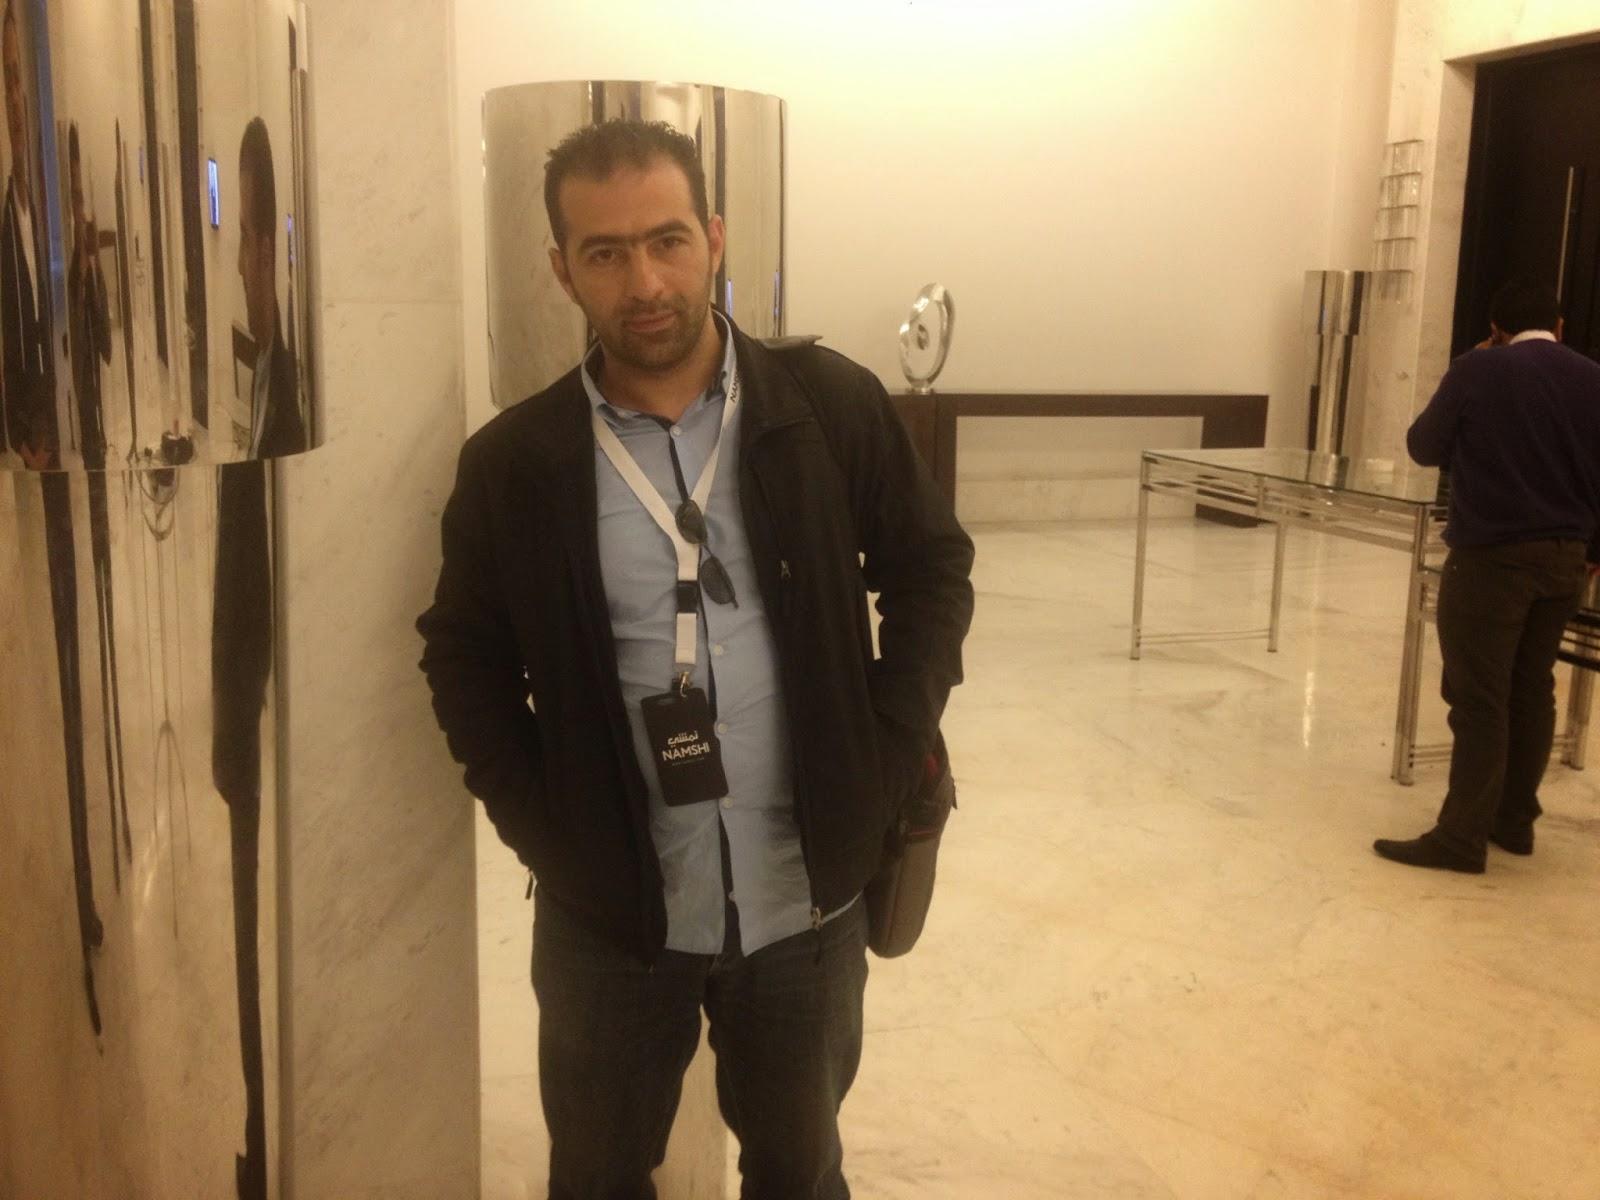 محمد انس تسويق الكتروني -اعلانات رقميه جوجل ادوردز و فيس بوك seo egypt